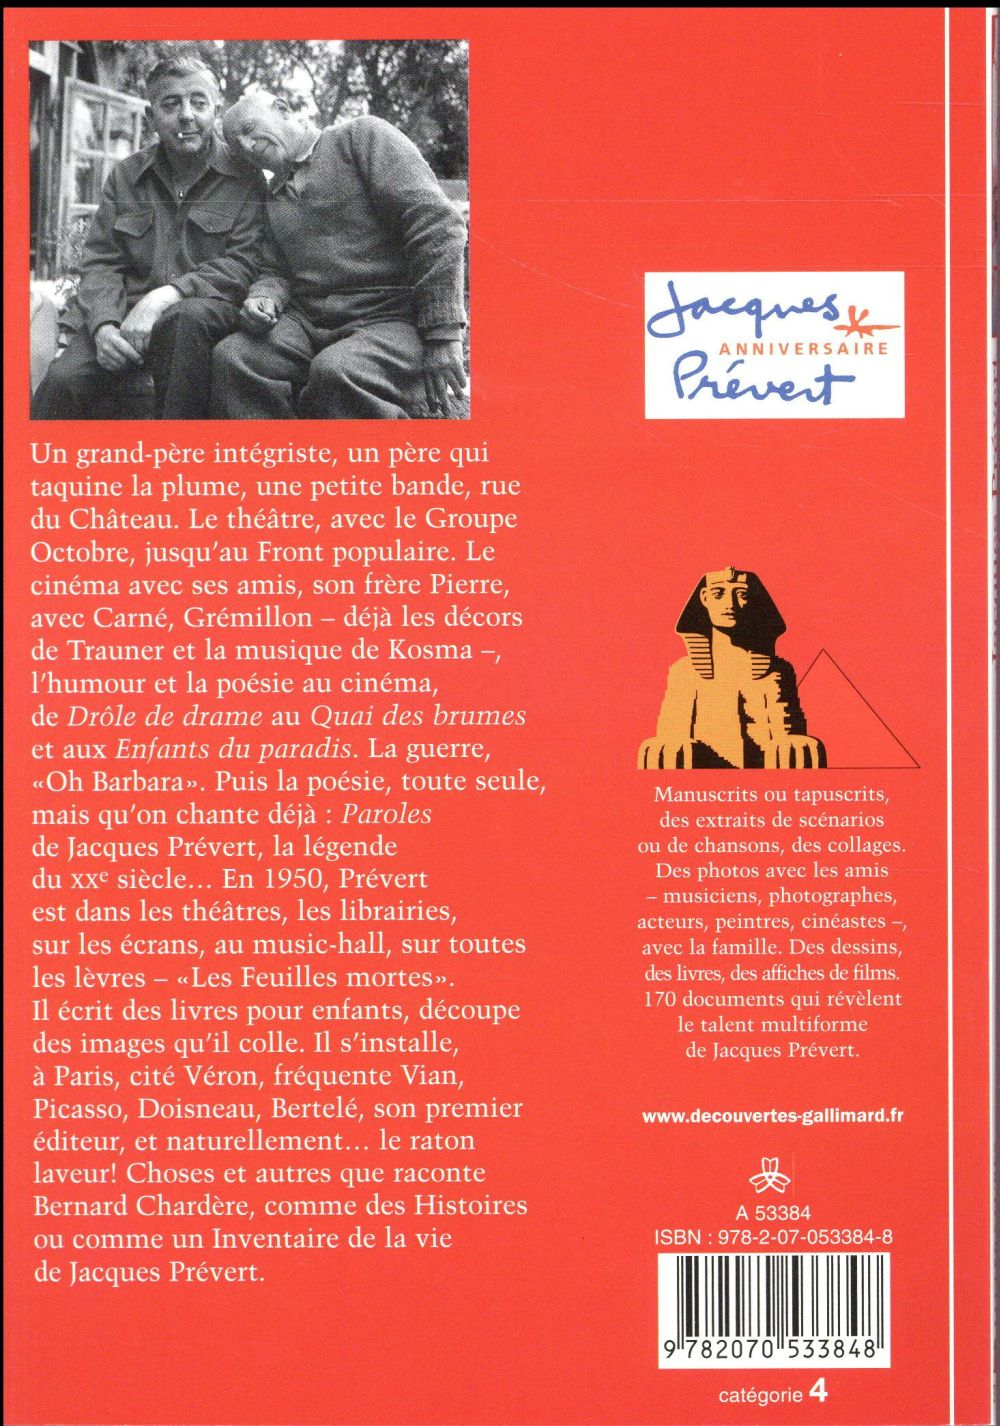 Jacques Prévert ; inventaire d'une vie